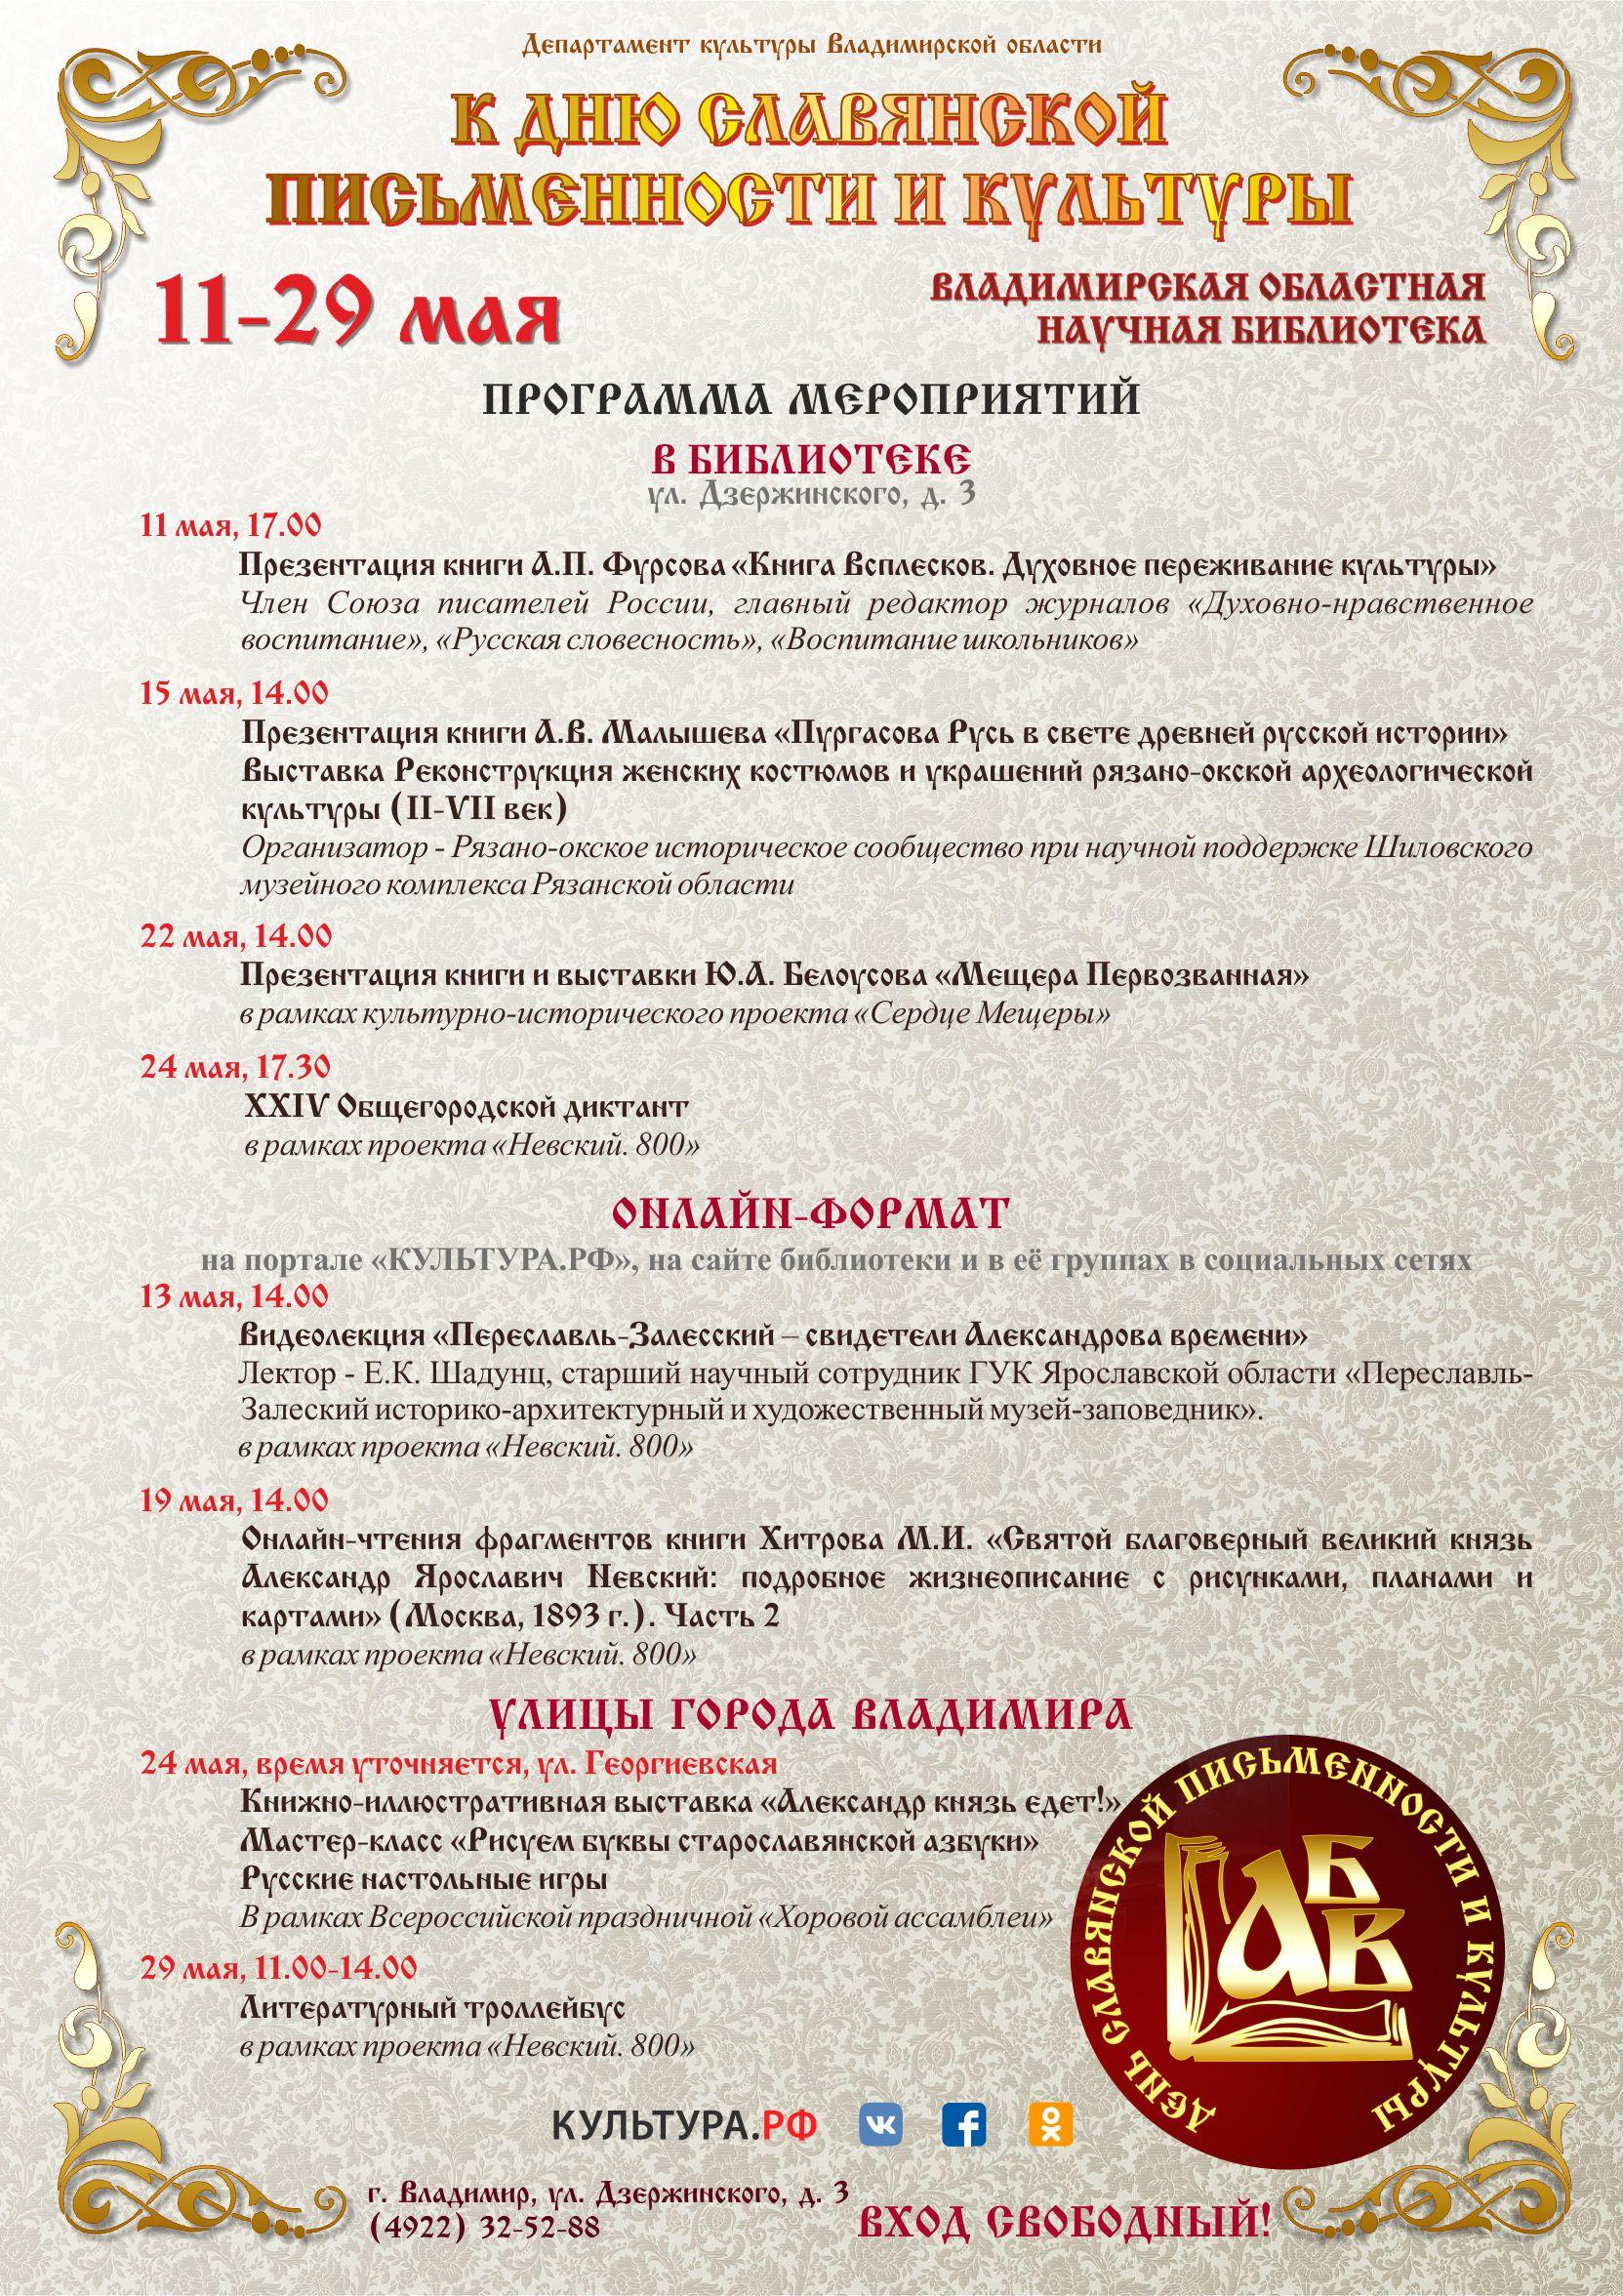 Программа мероприятий к Дню славянской письменности и культуры